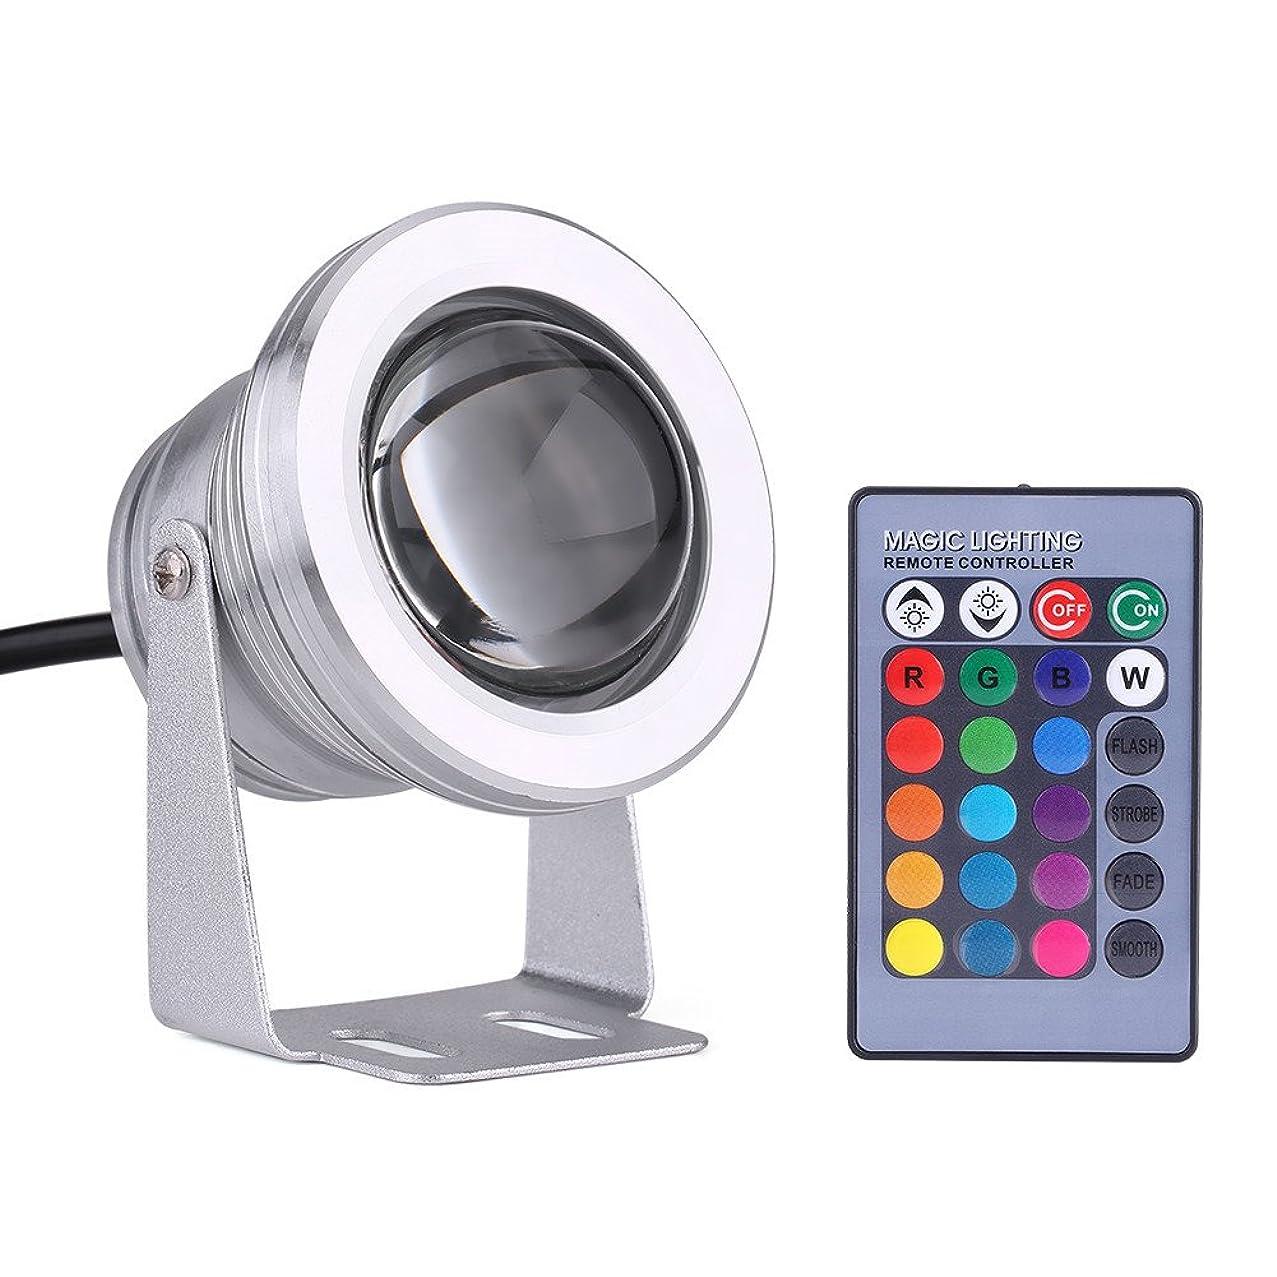 寄稿者抜本的なプロペラ6色 LED潜水ライト LED水中スポットライト ip68防水LED 景観ランプアウトドア 池噴水庭 庭明かり 小型 アルミニウム 10w 12v RGB(银白壳)